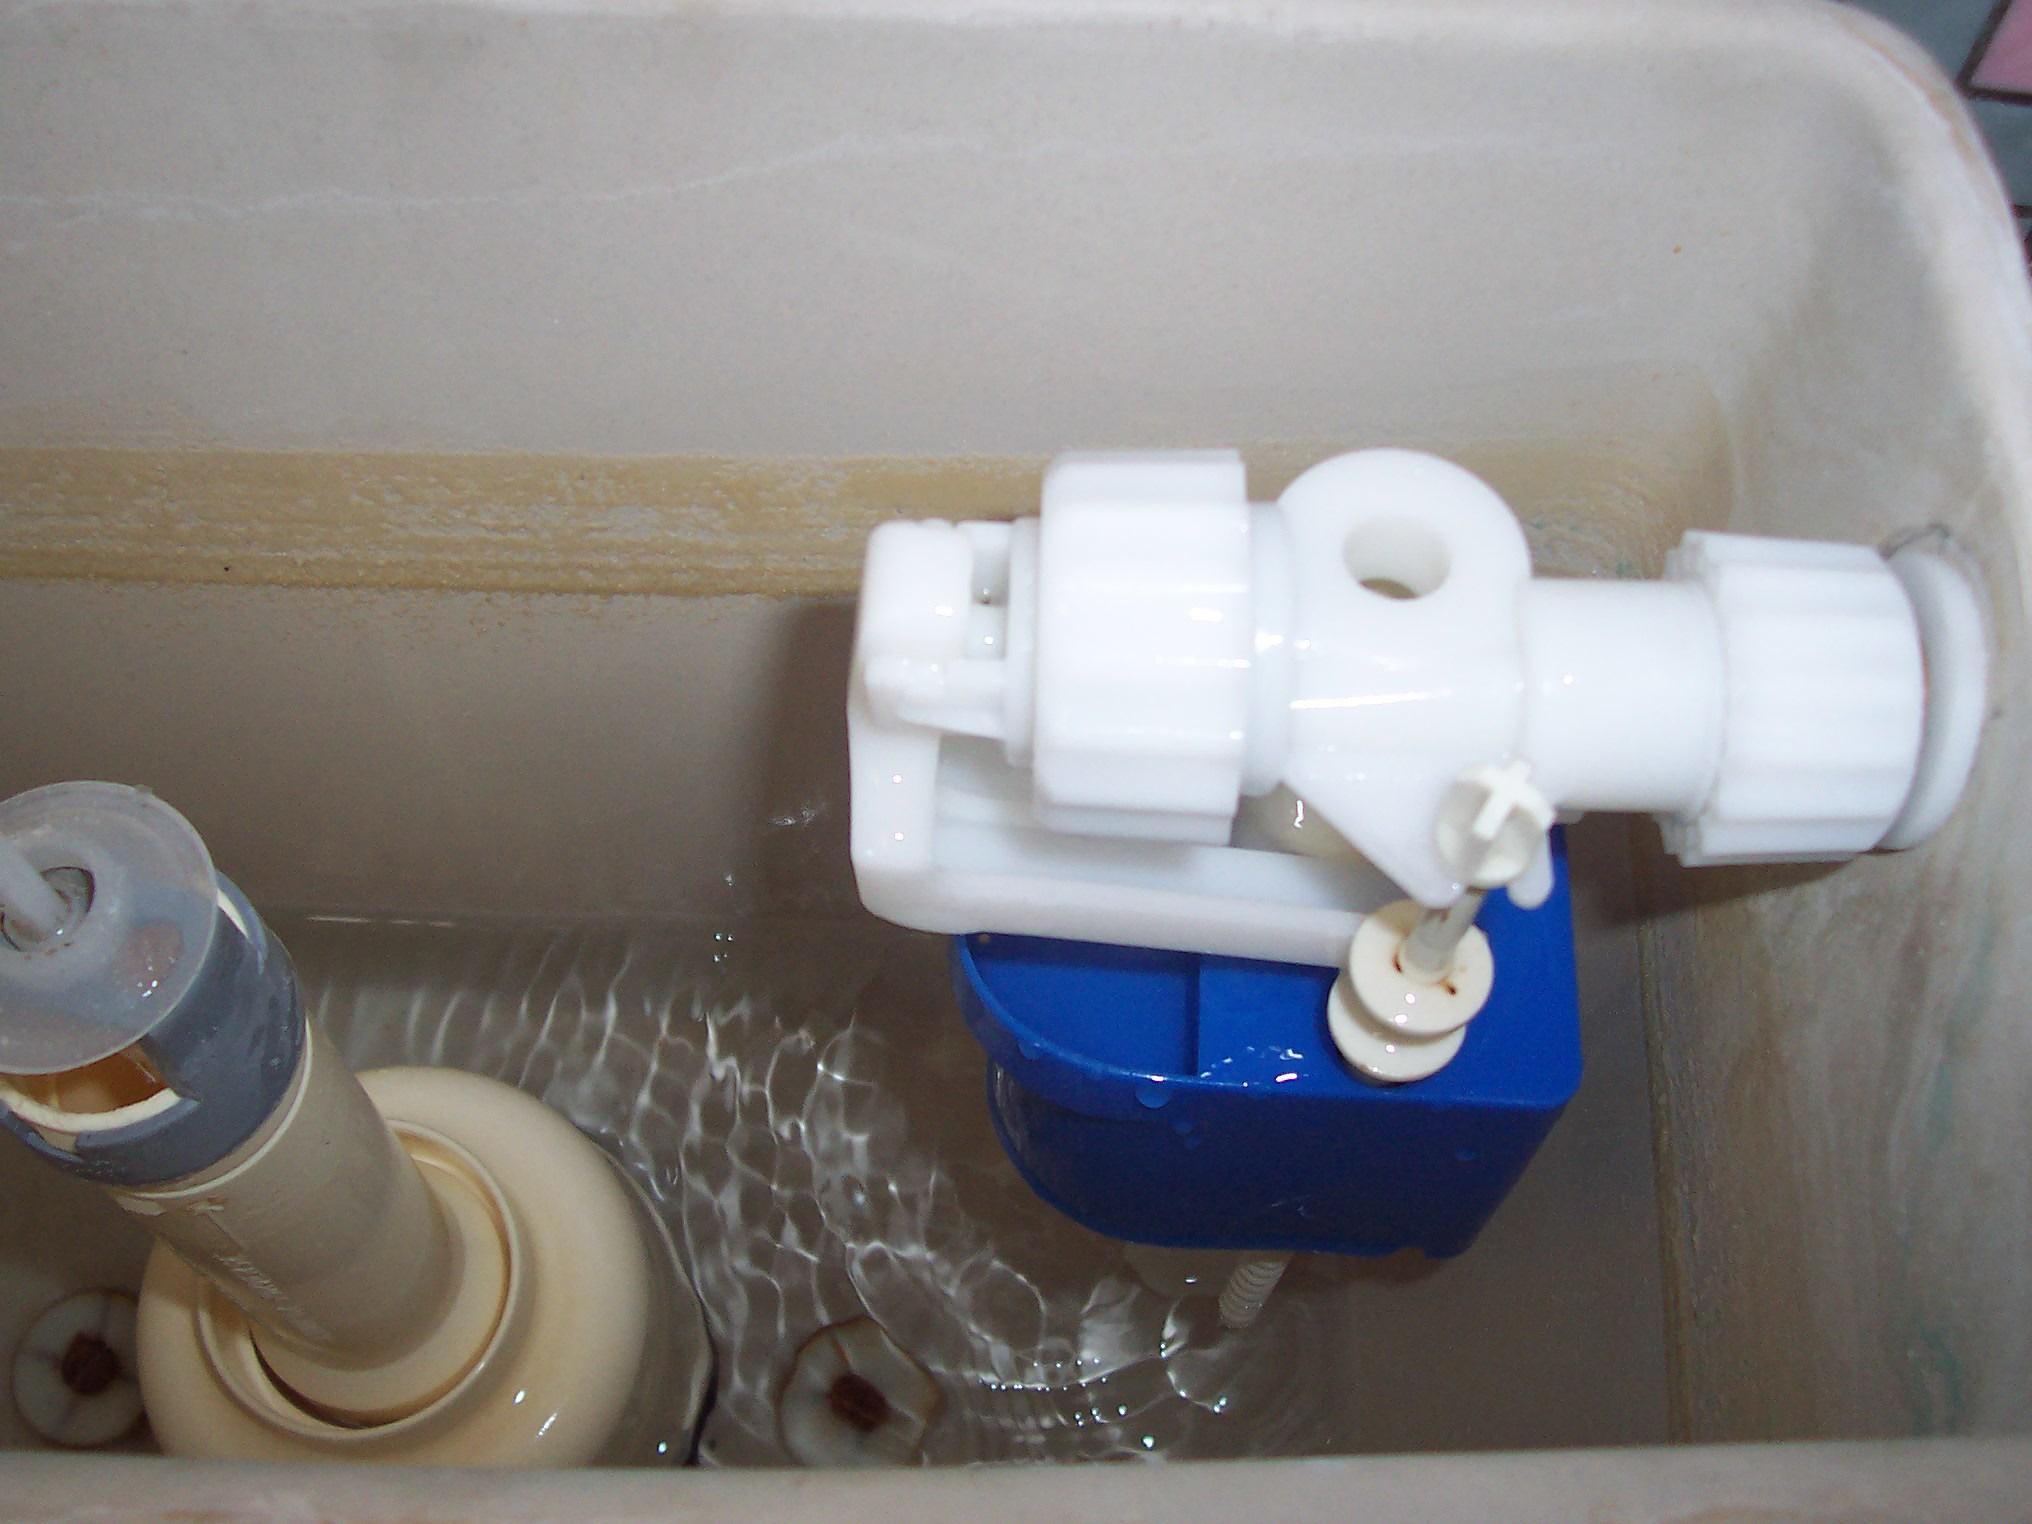 Qui contacter pour réparer une chasse d'eau qui fuit ?